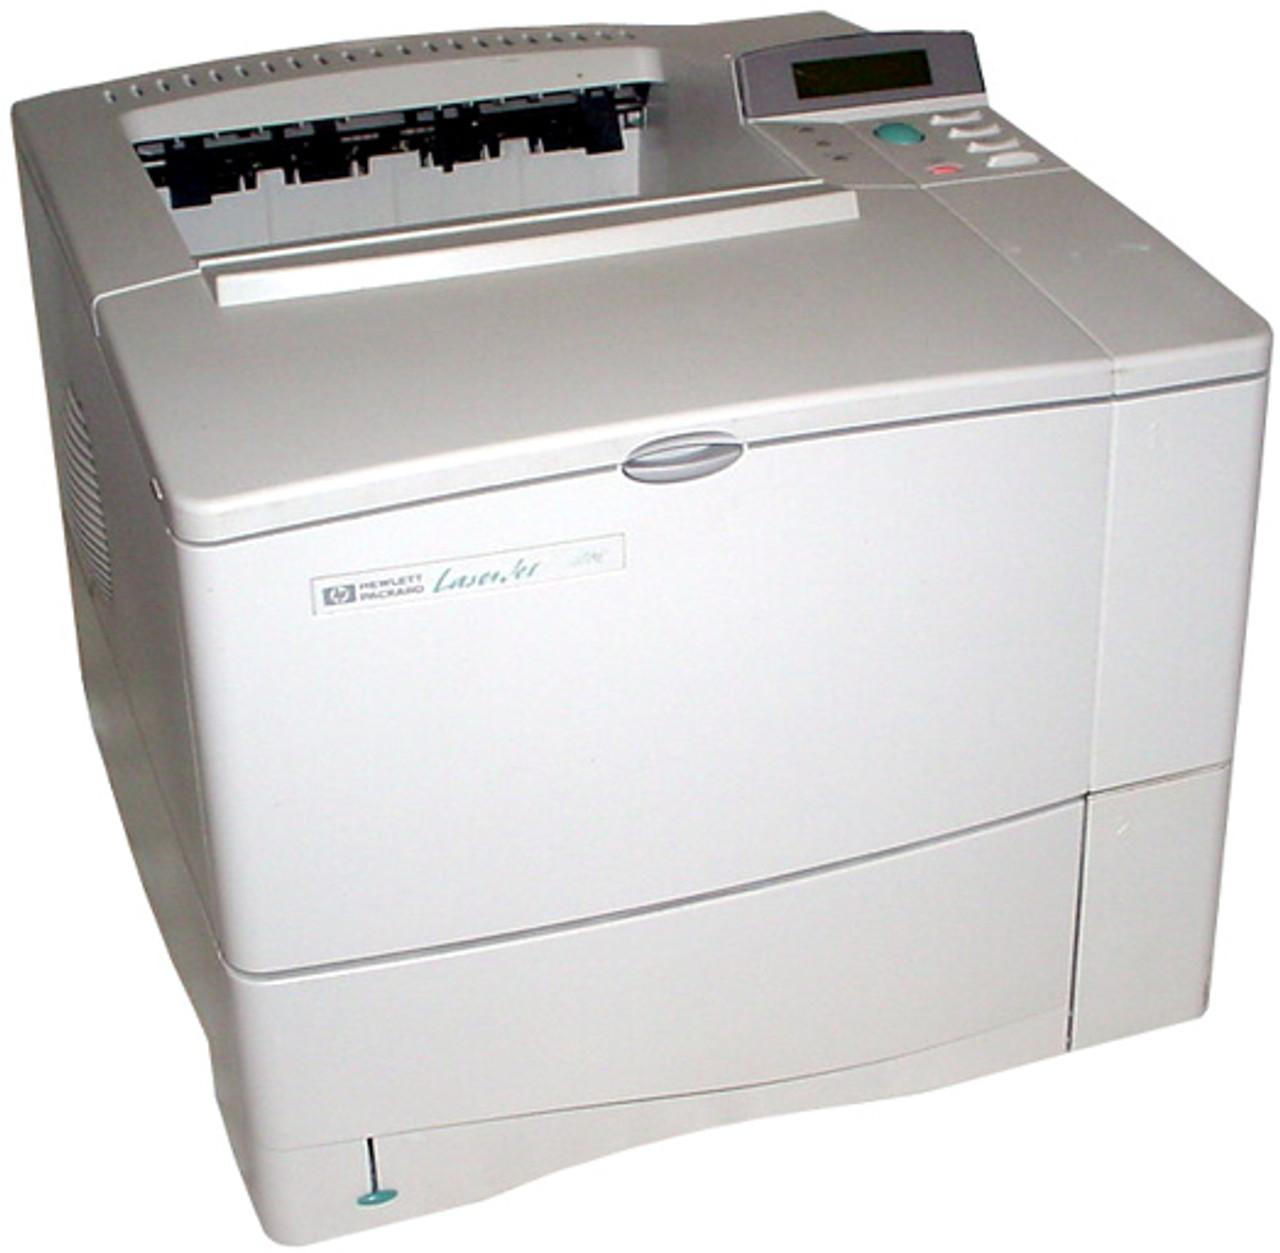 HP LaserJet 4000n - C4120A - HP Laser Printer for sale